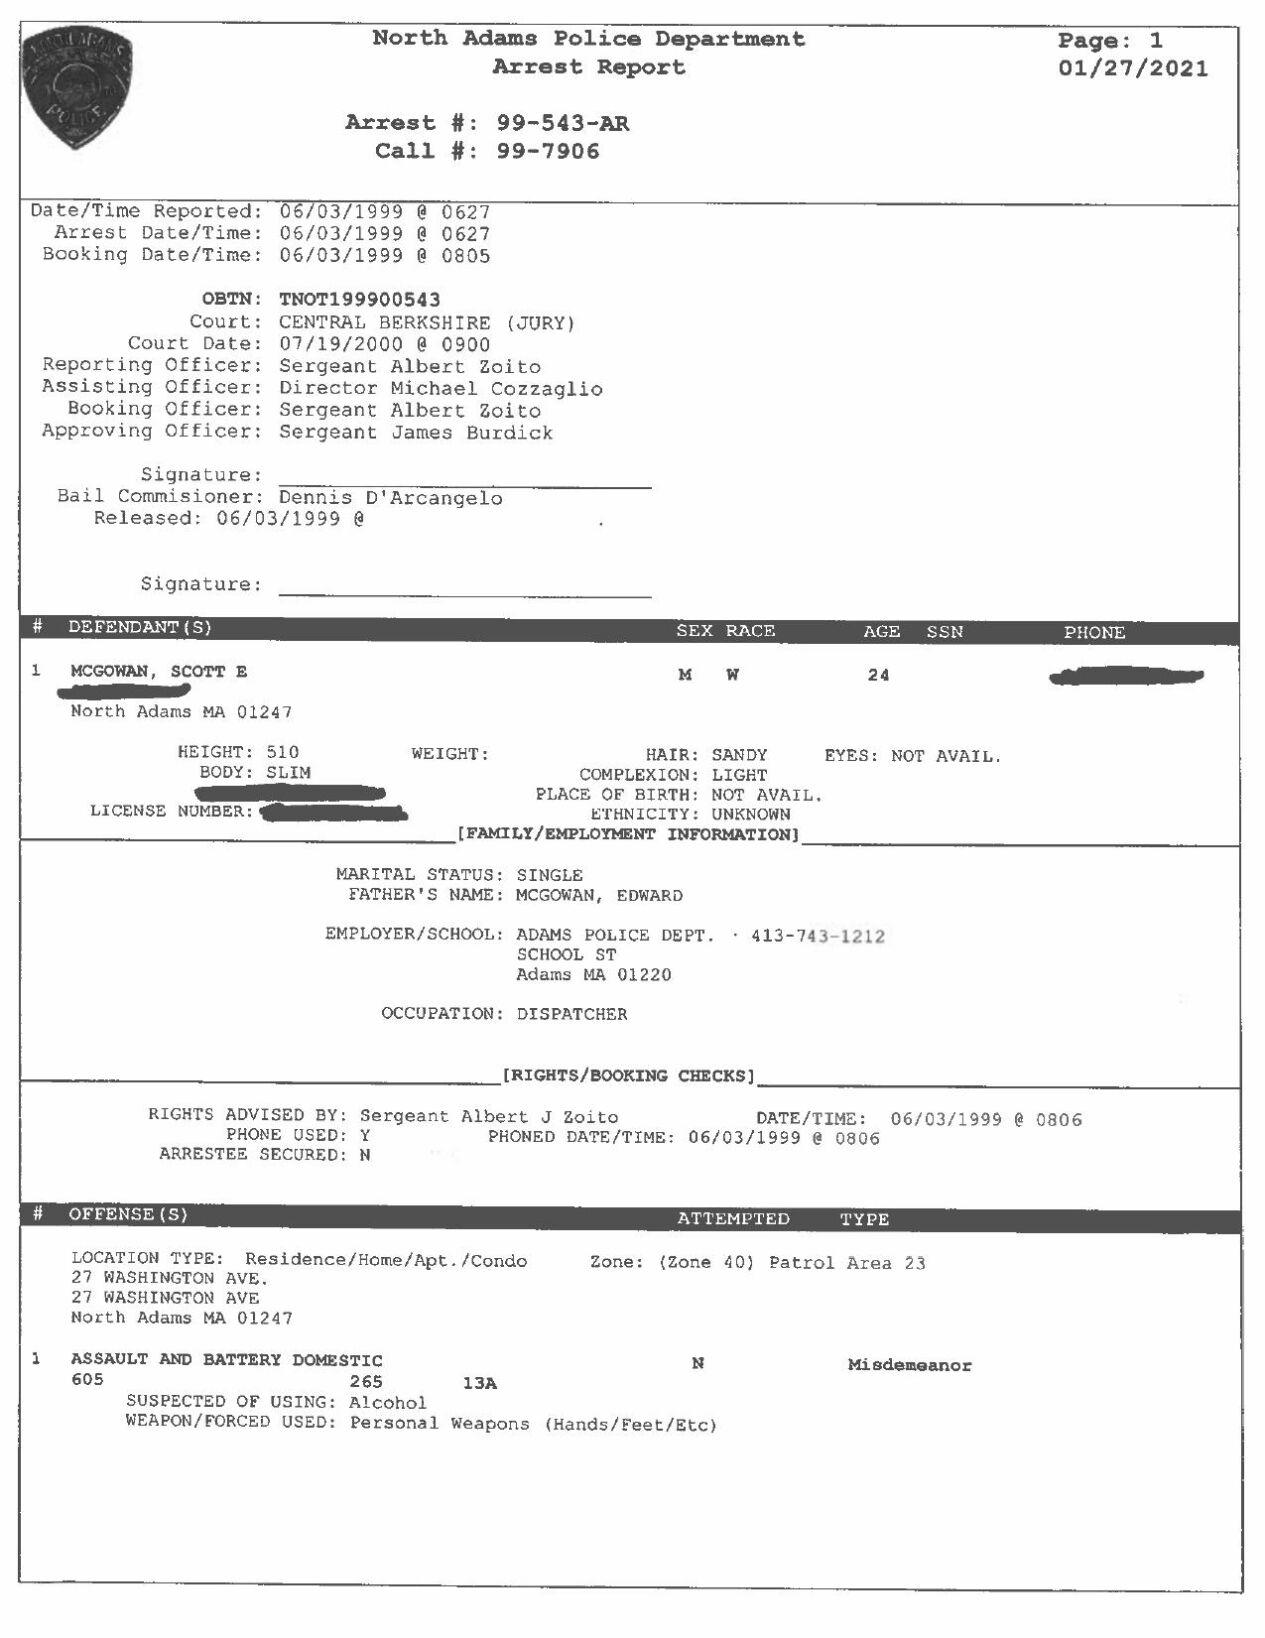 Scott E. McGowan June 1999 North Adams Police Records.pdf